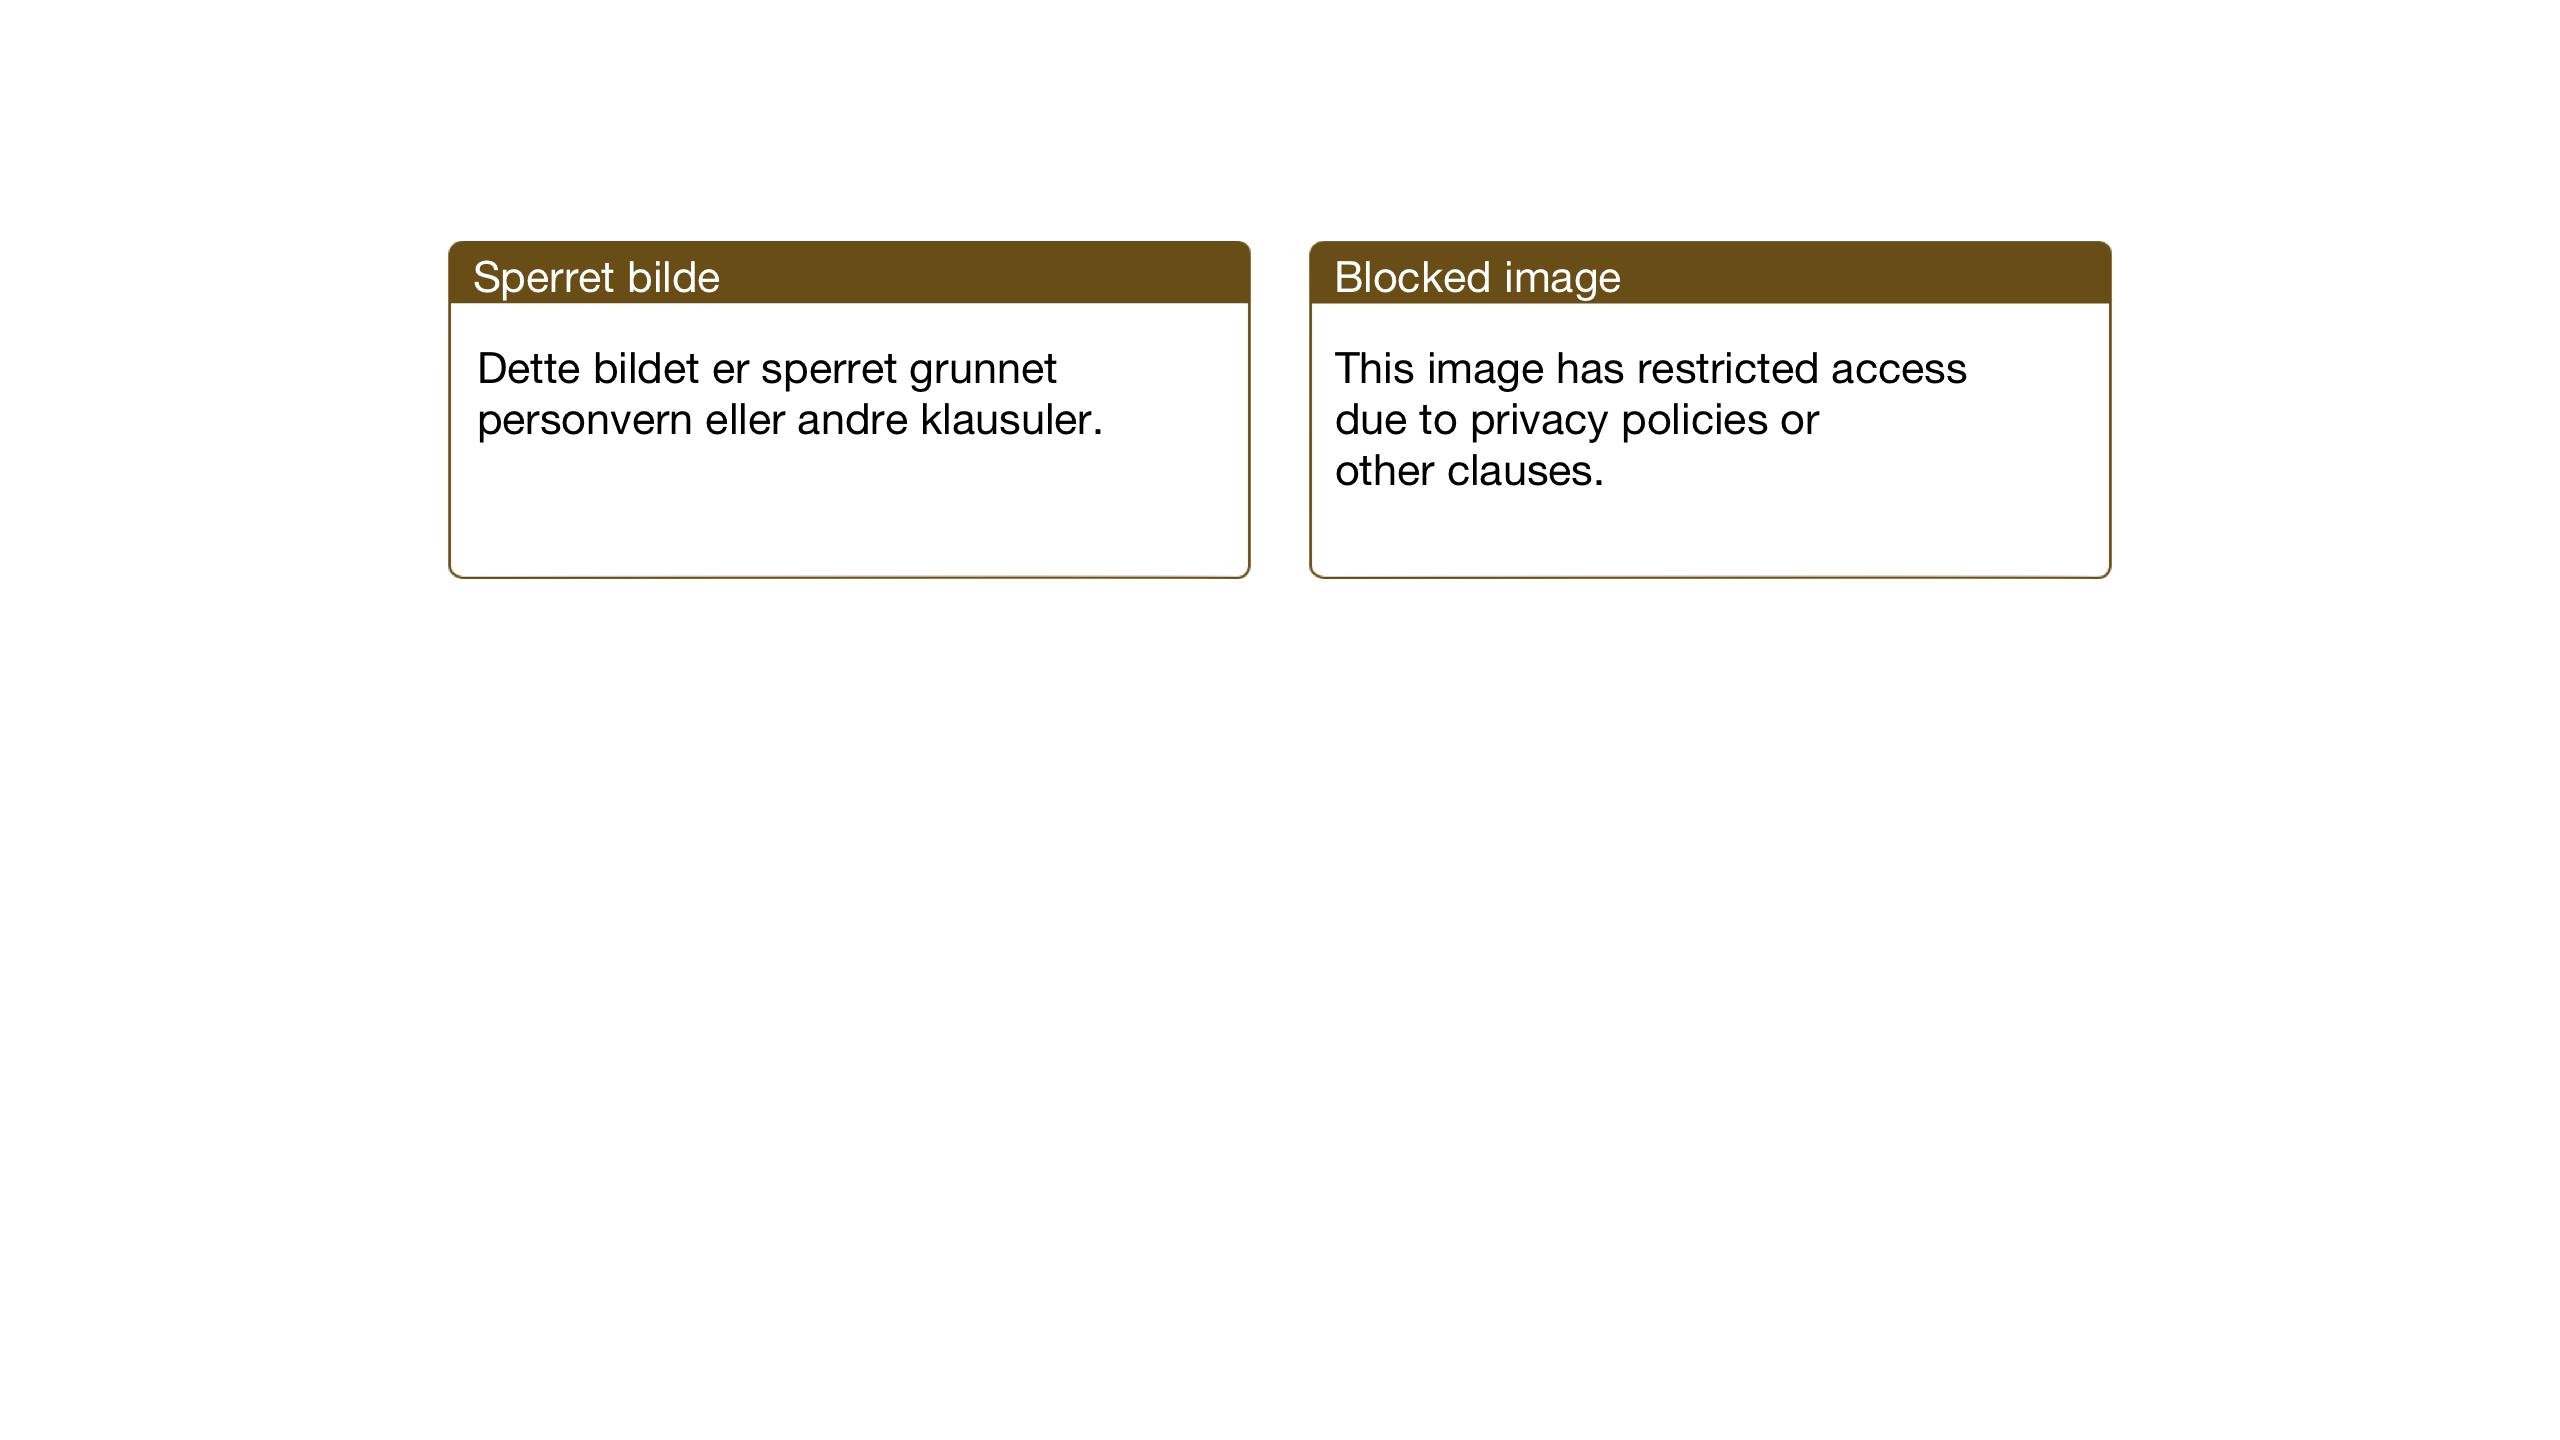 SAT, Ministerialprotokoller, klokkerbøker og fødselsregistre - Sør-Trøndelag, 638/L0569: Klokkerbok nr. 638C01, 1923-1961, s. 132